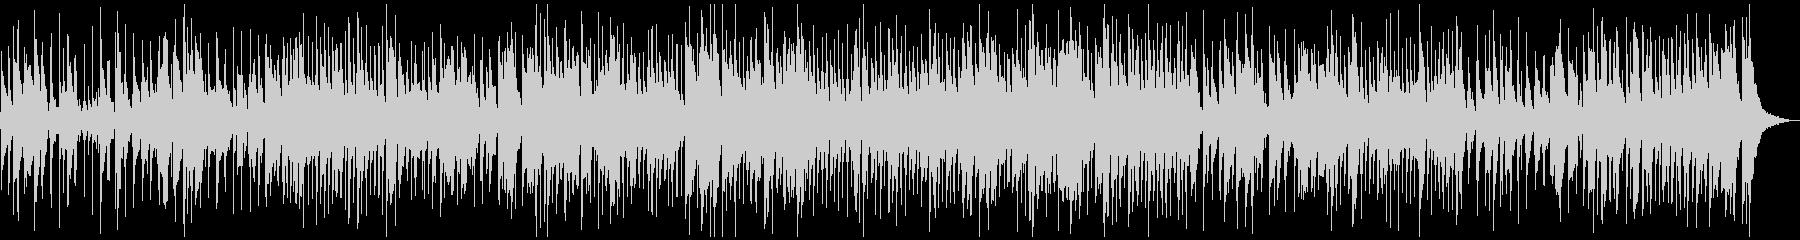 テナーサックスソロ、スイングジャズBGMの未再生の波形